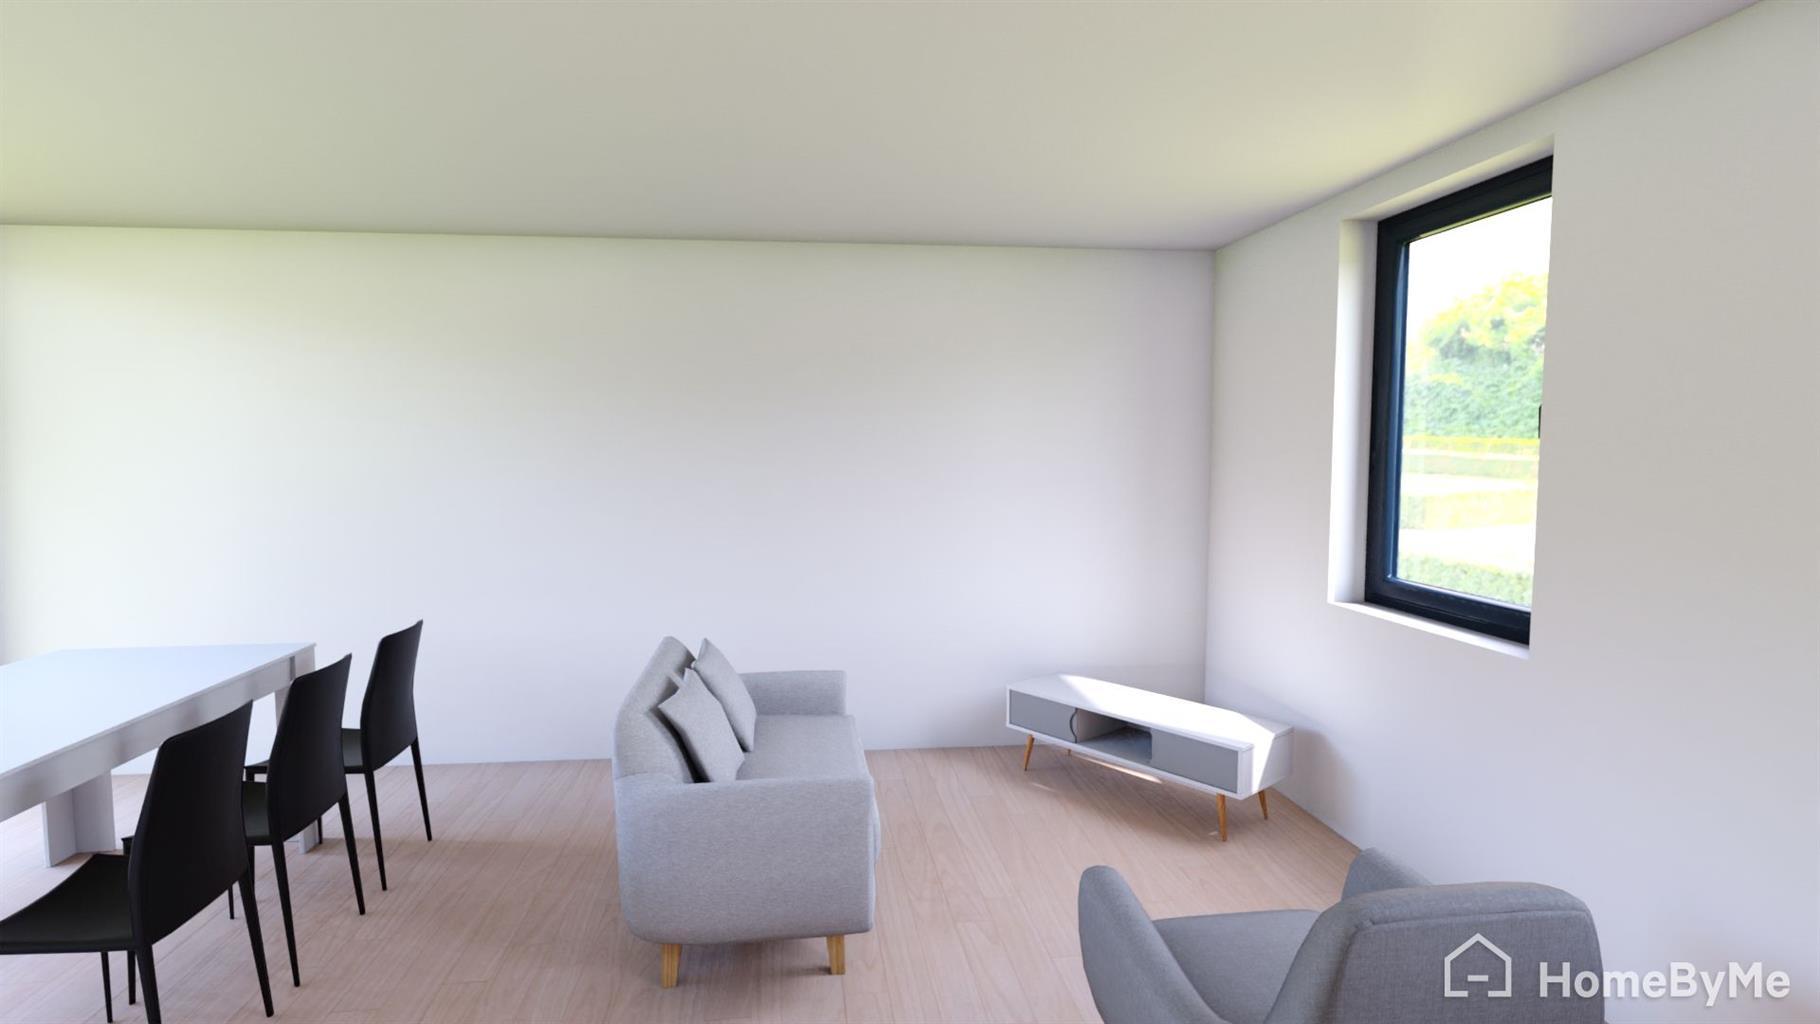 Maison - Braine-le-Comte - #4082170-24